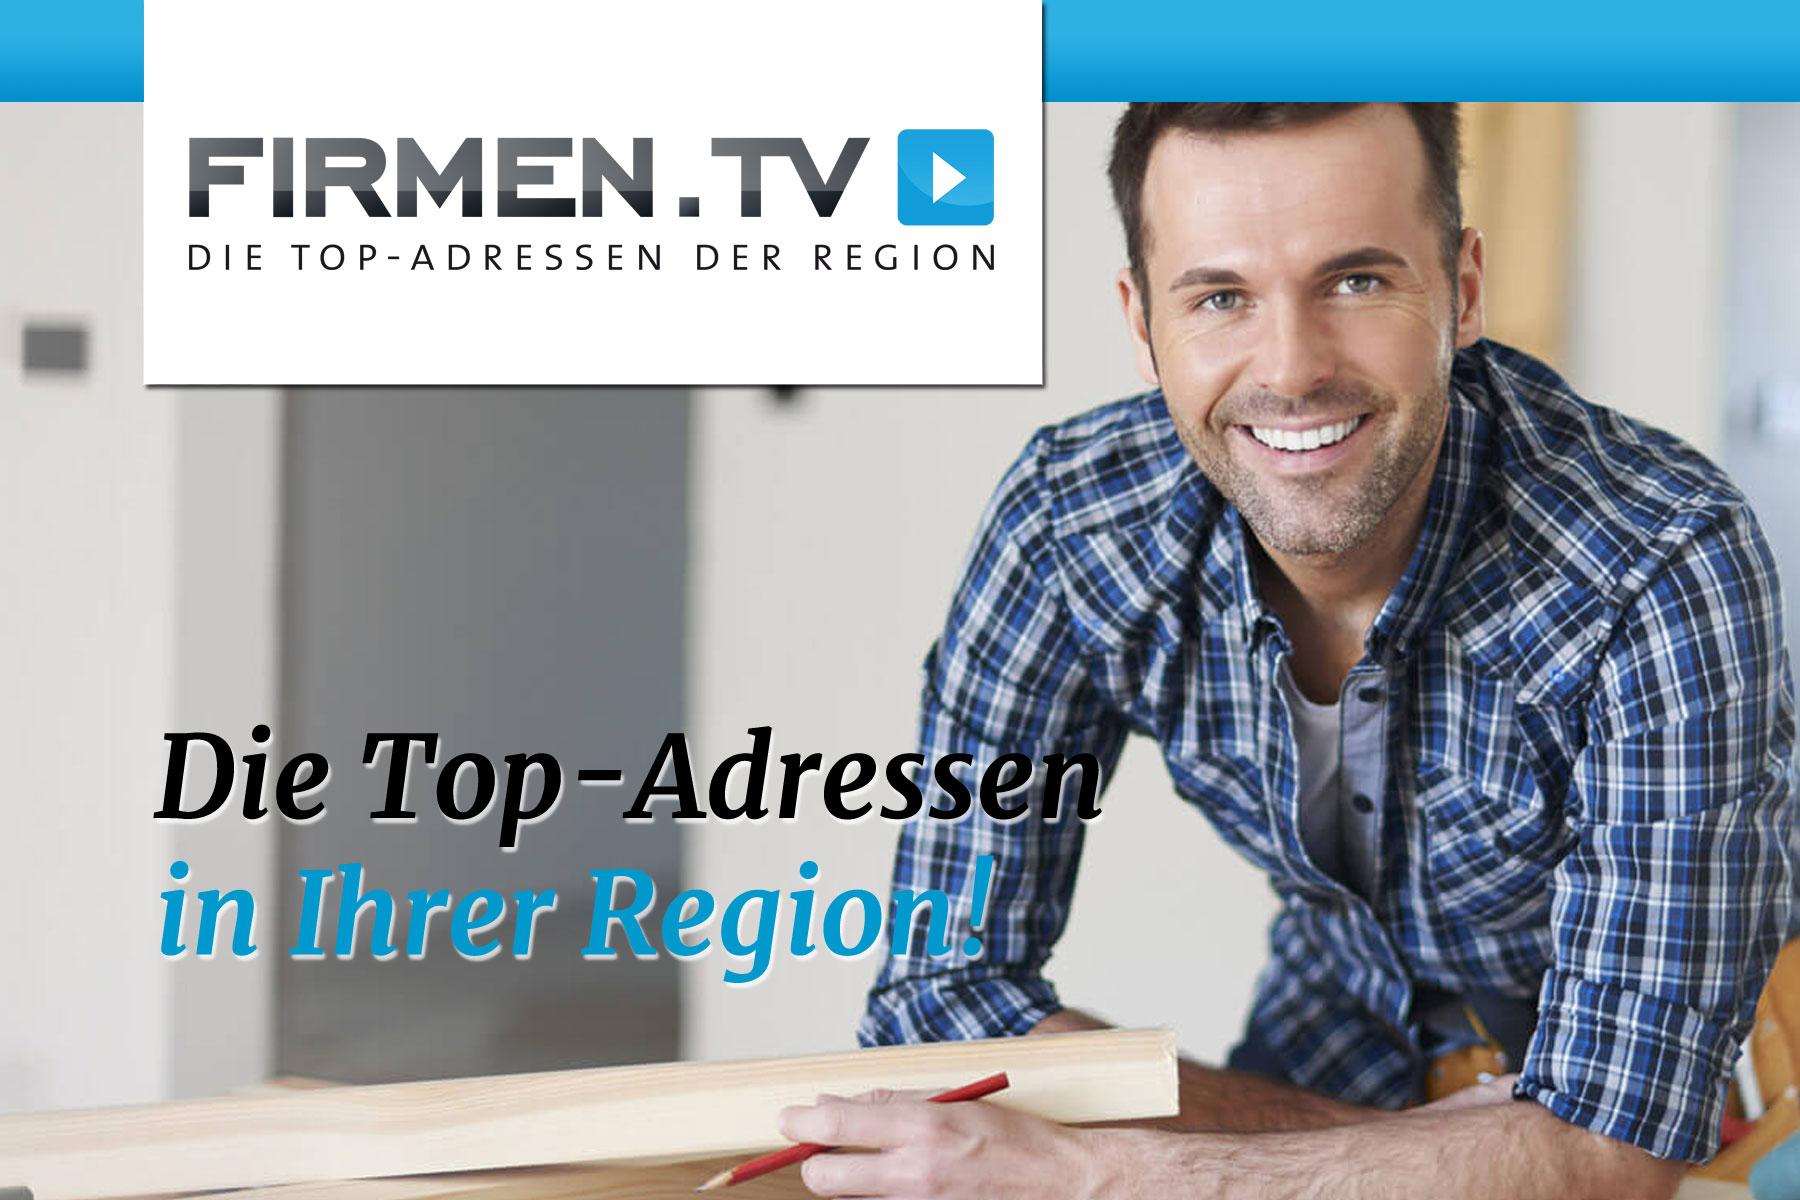 (c) Firmen.tv